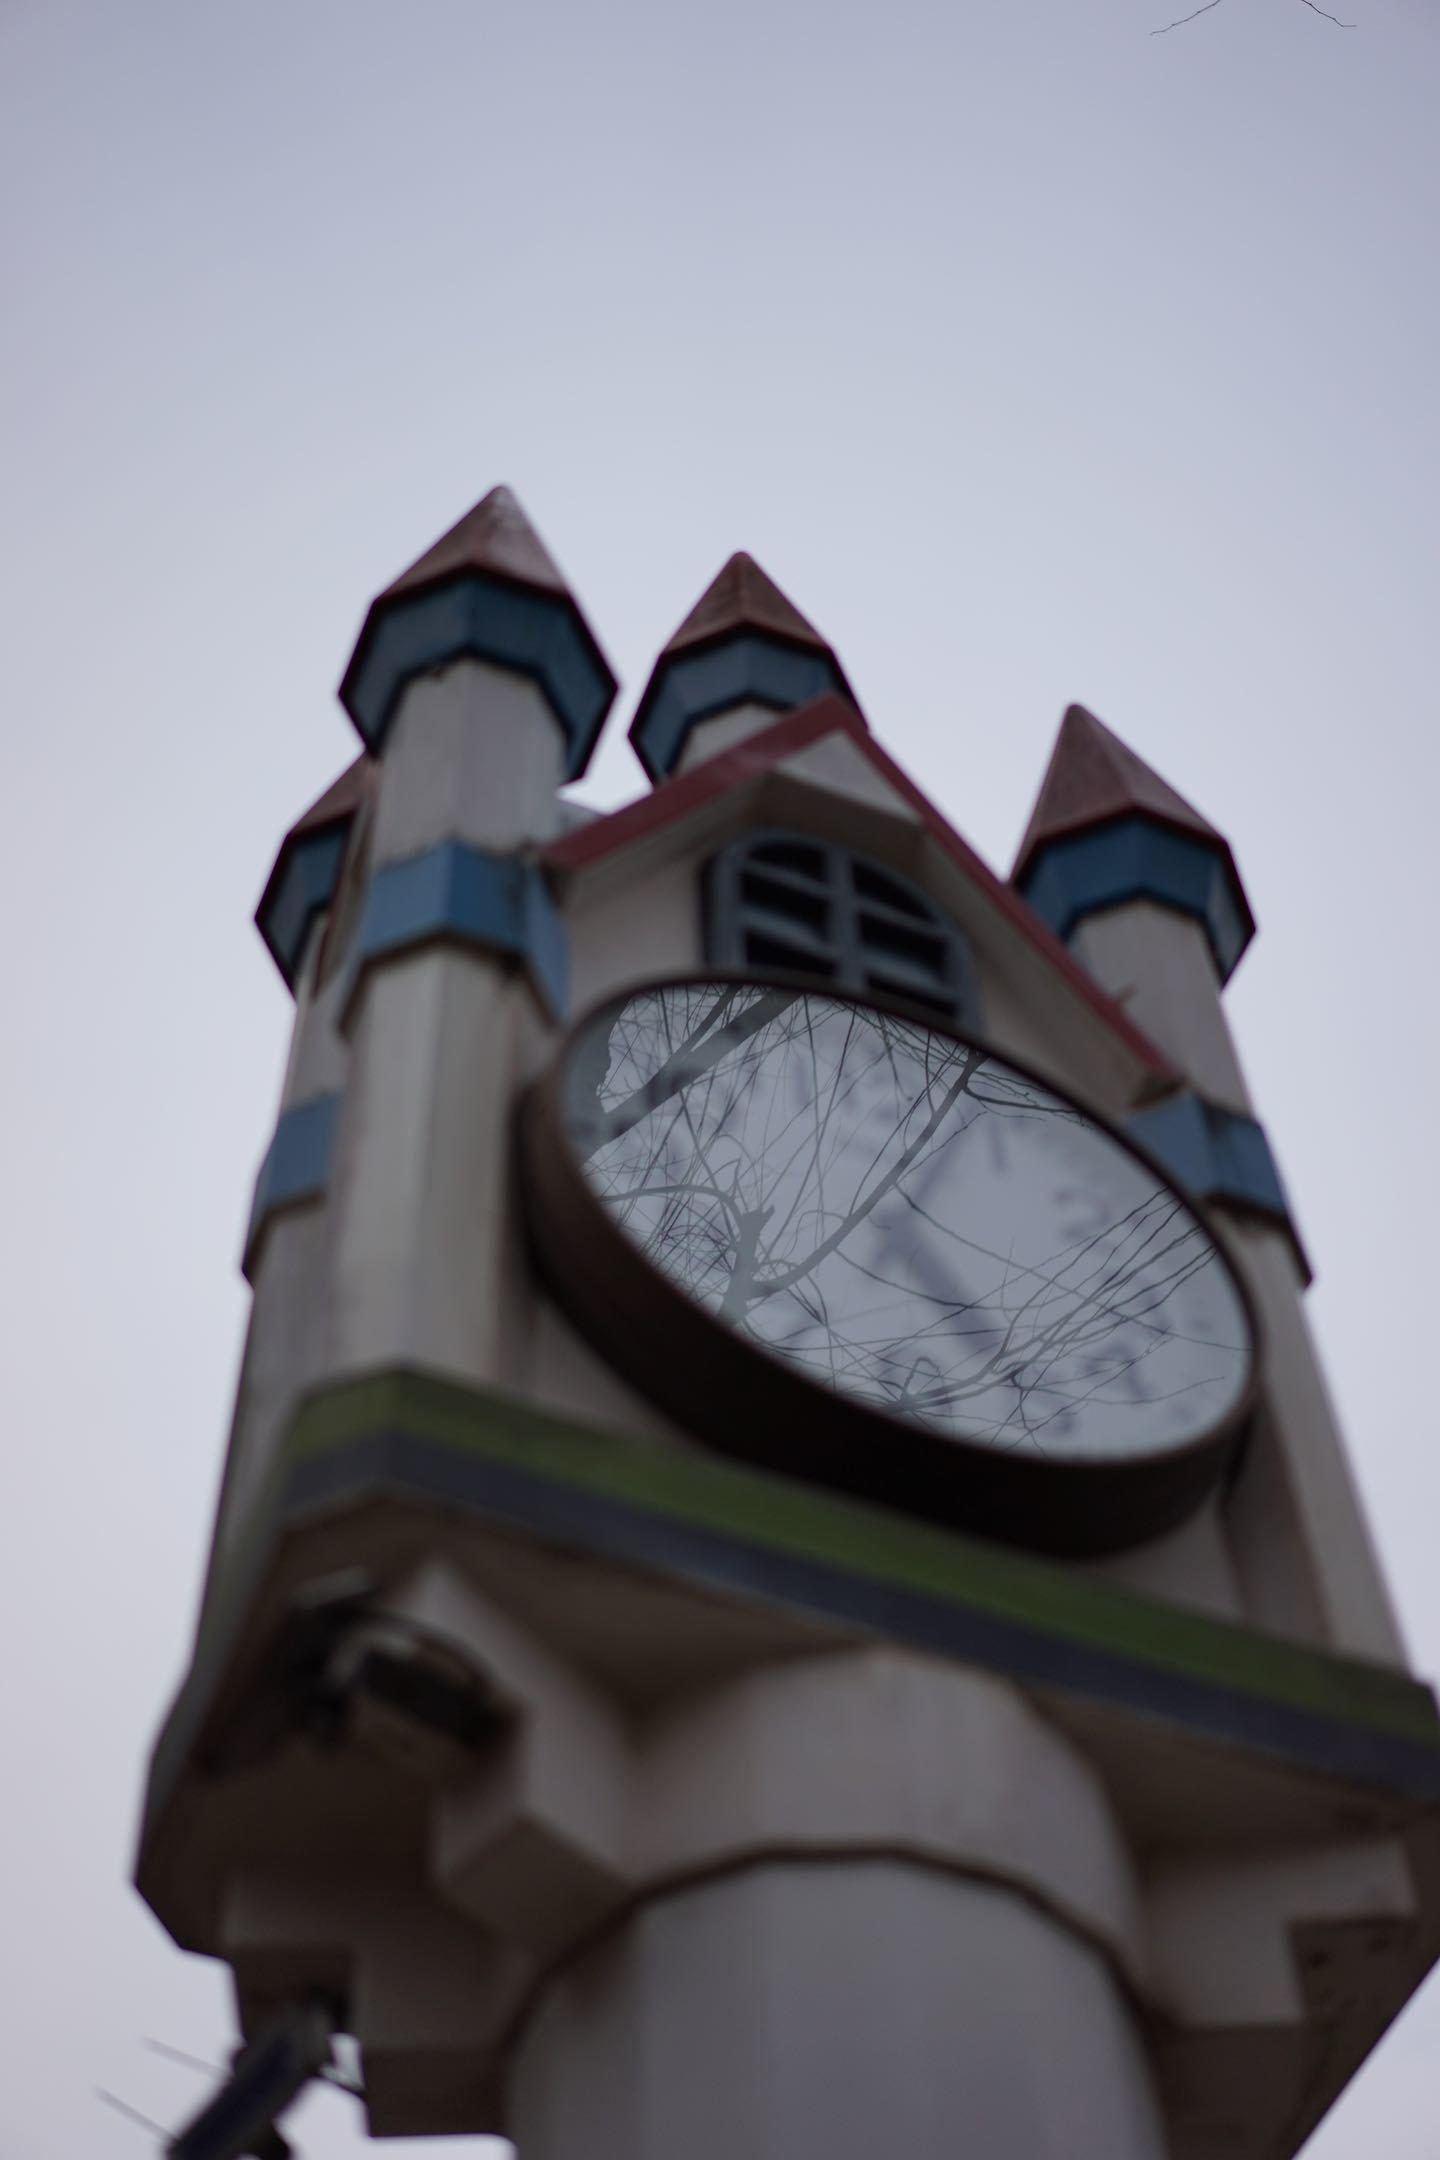 池袋駅周辺スナップ 10_b0360240_21413344.jpg